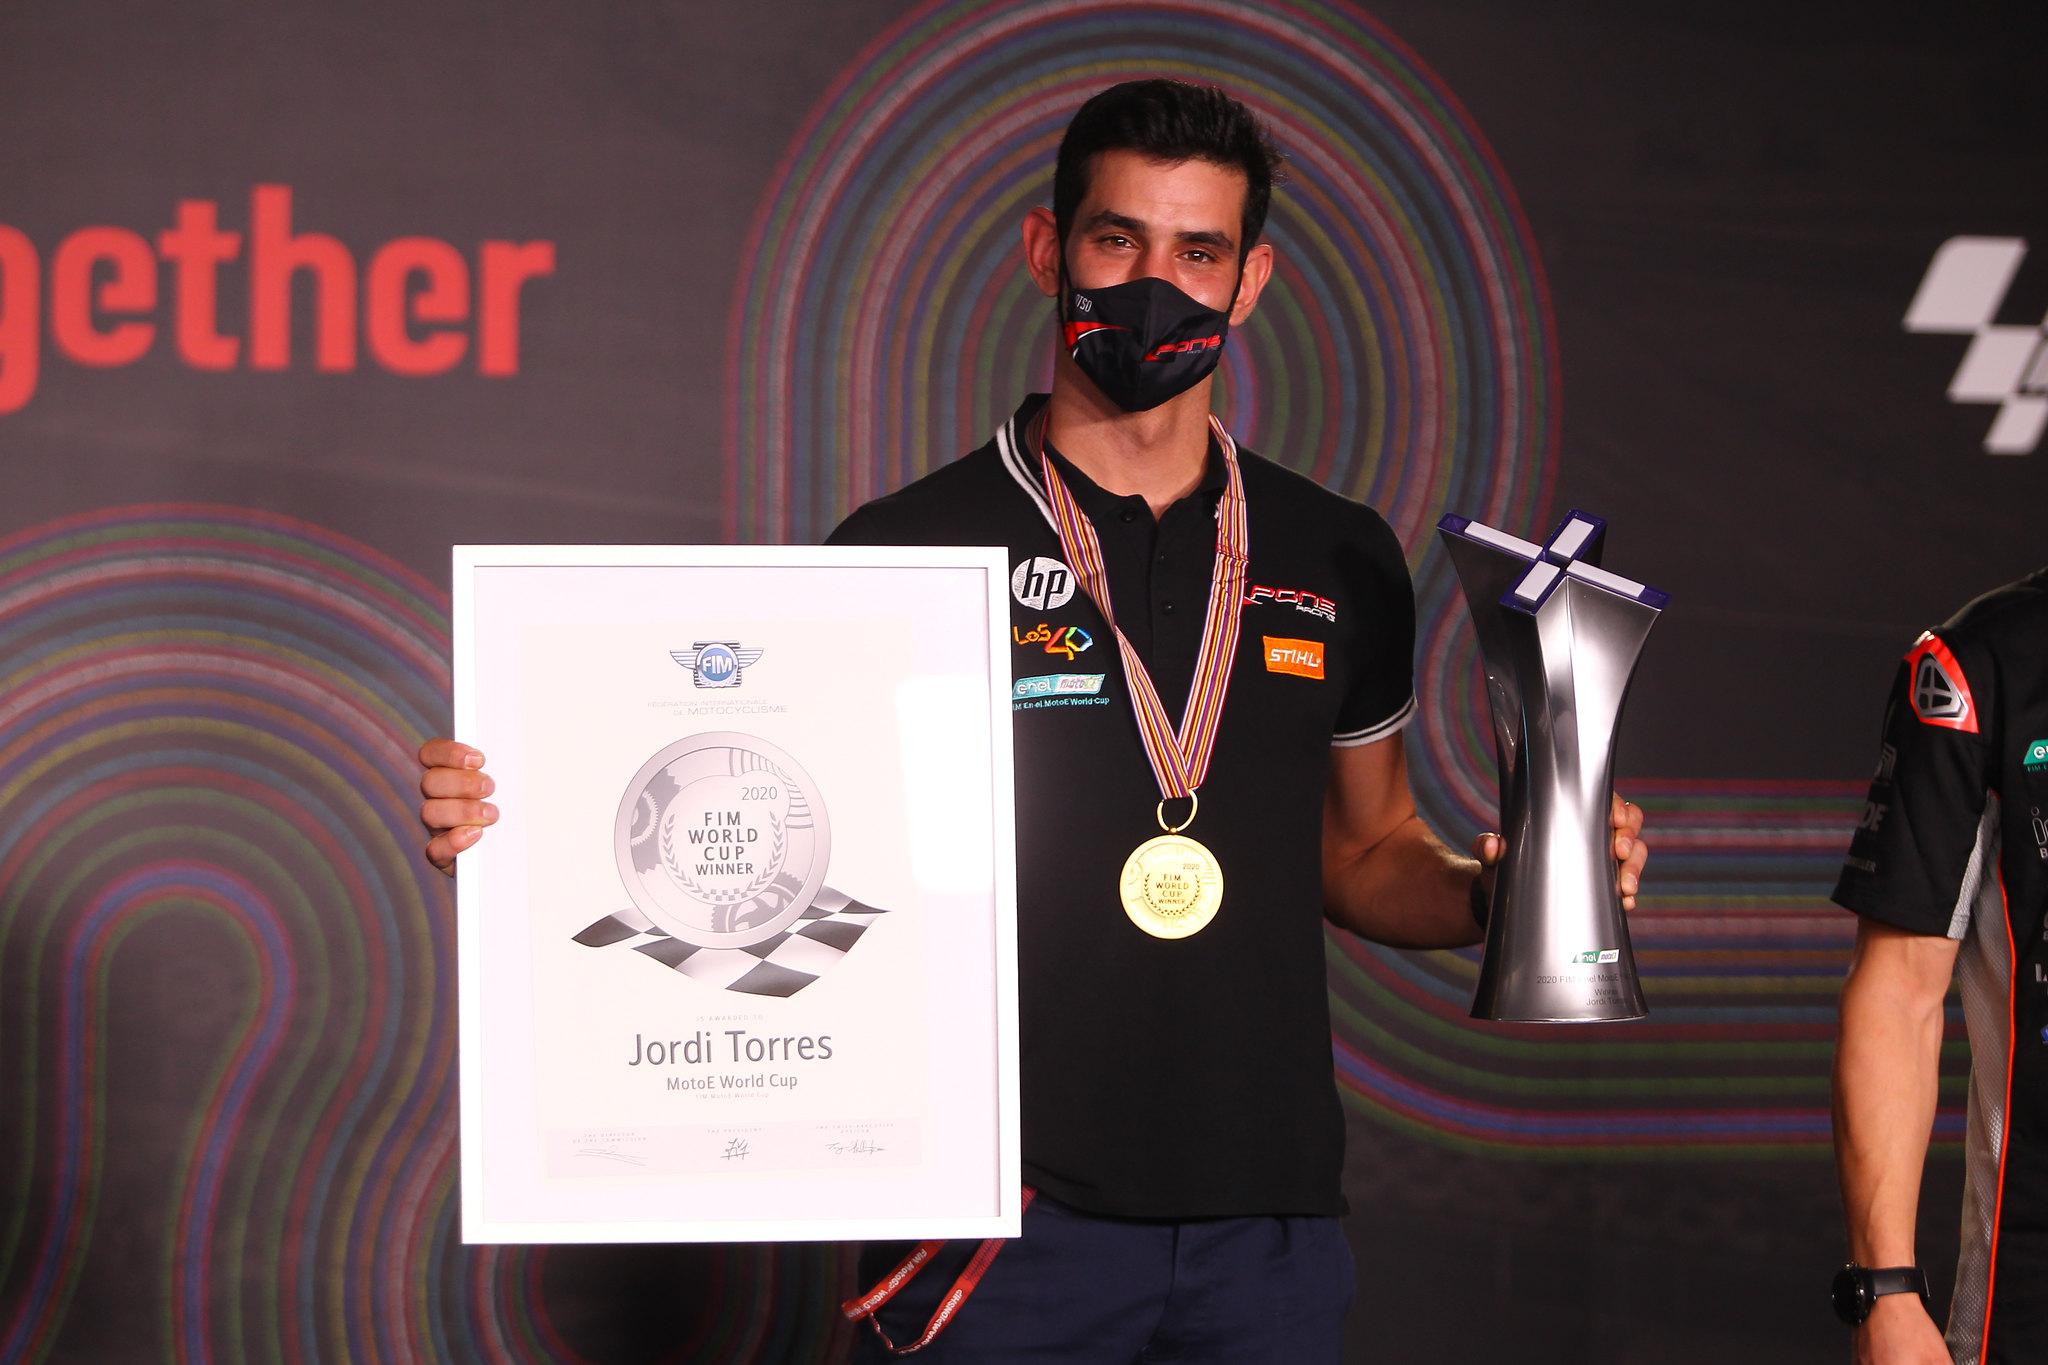 Jordi Torres - MotoE kampioen